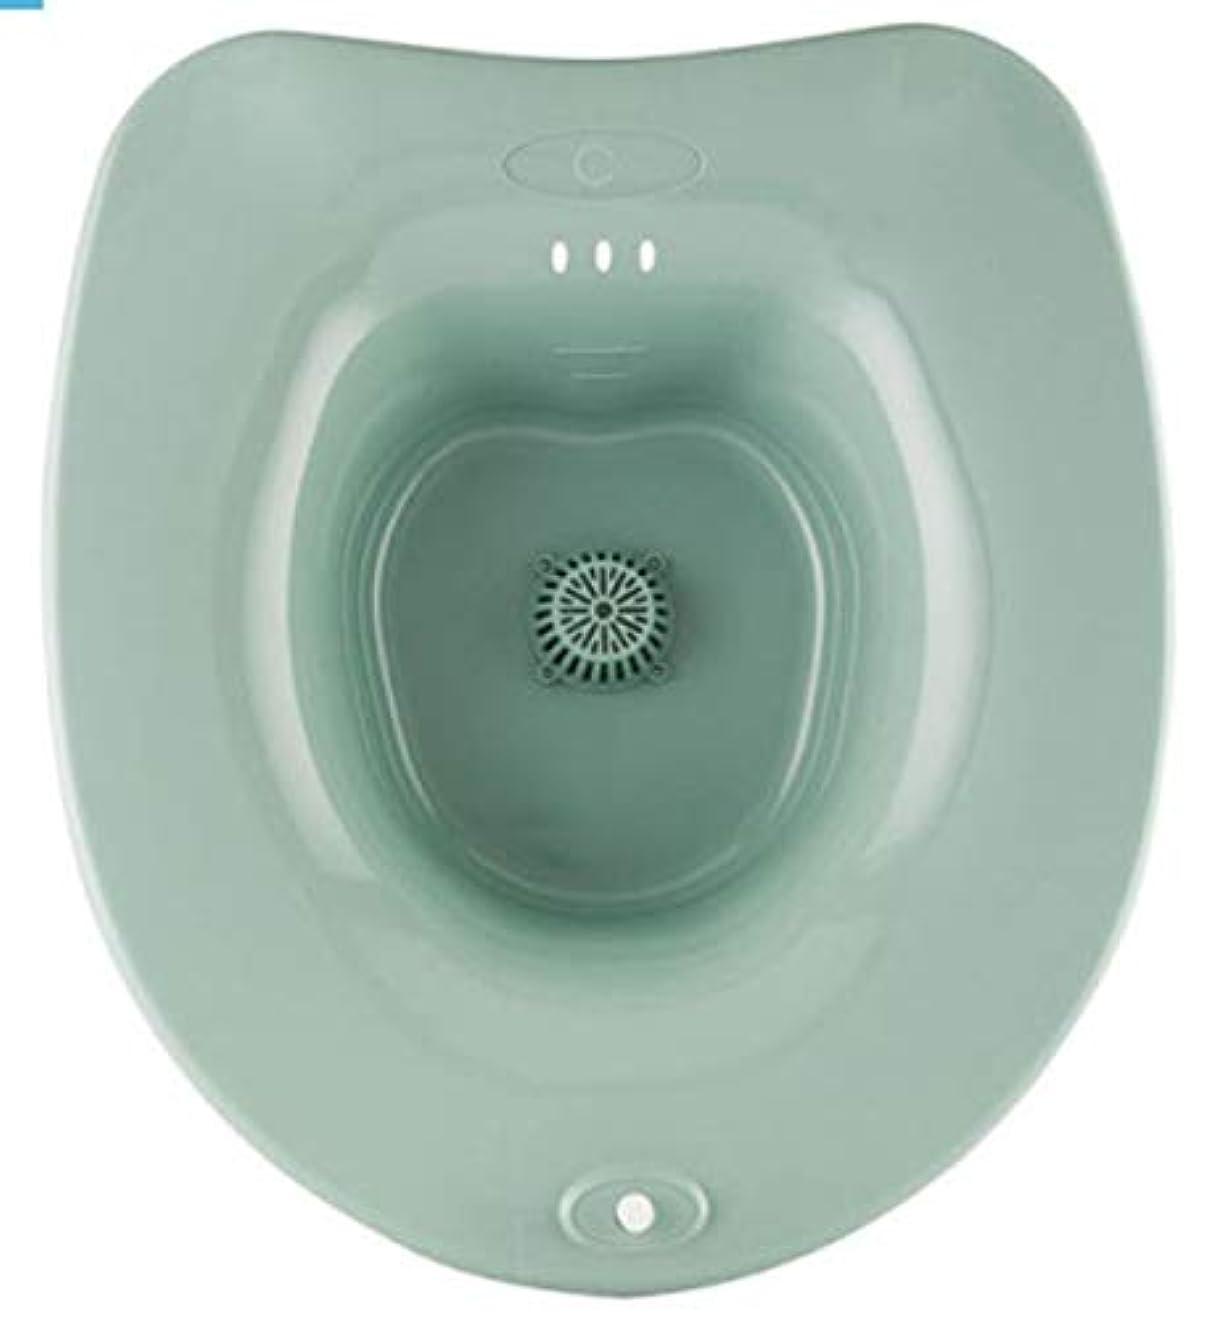 よく話される寺院薄い医師から座浴をお勧められた時、コードレス自動バブルお尻の座浴器、子宮健康、痔の悩み清潔、、、